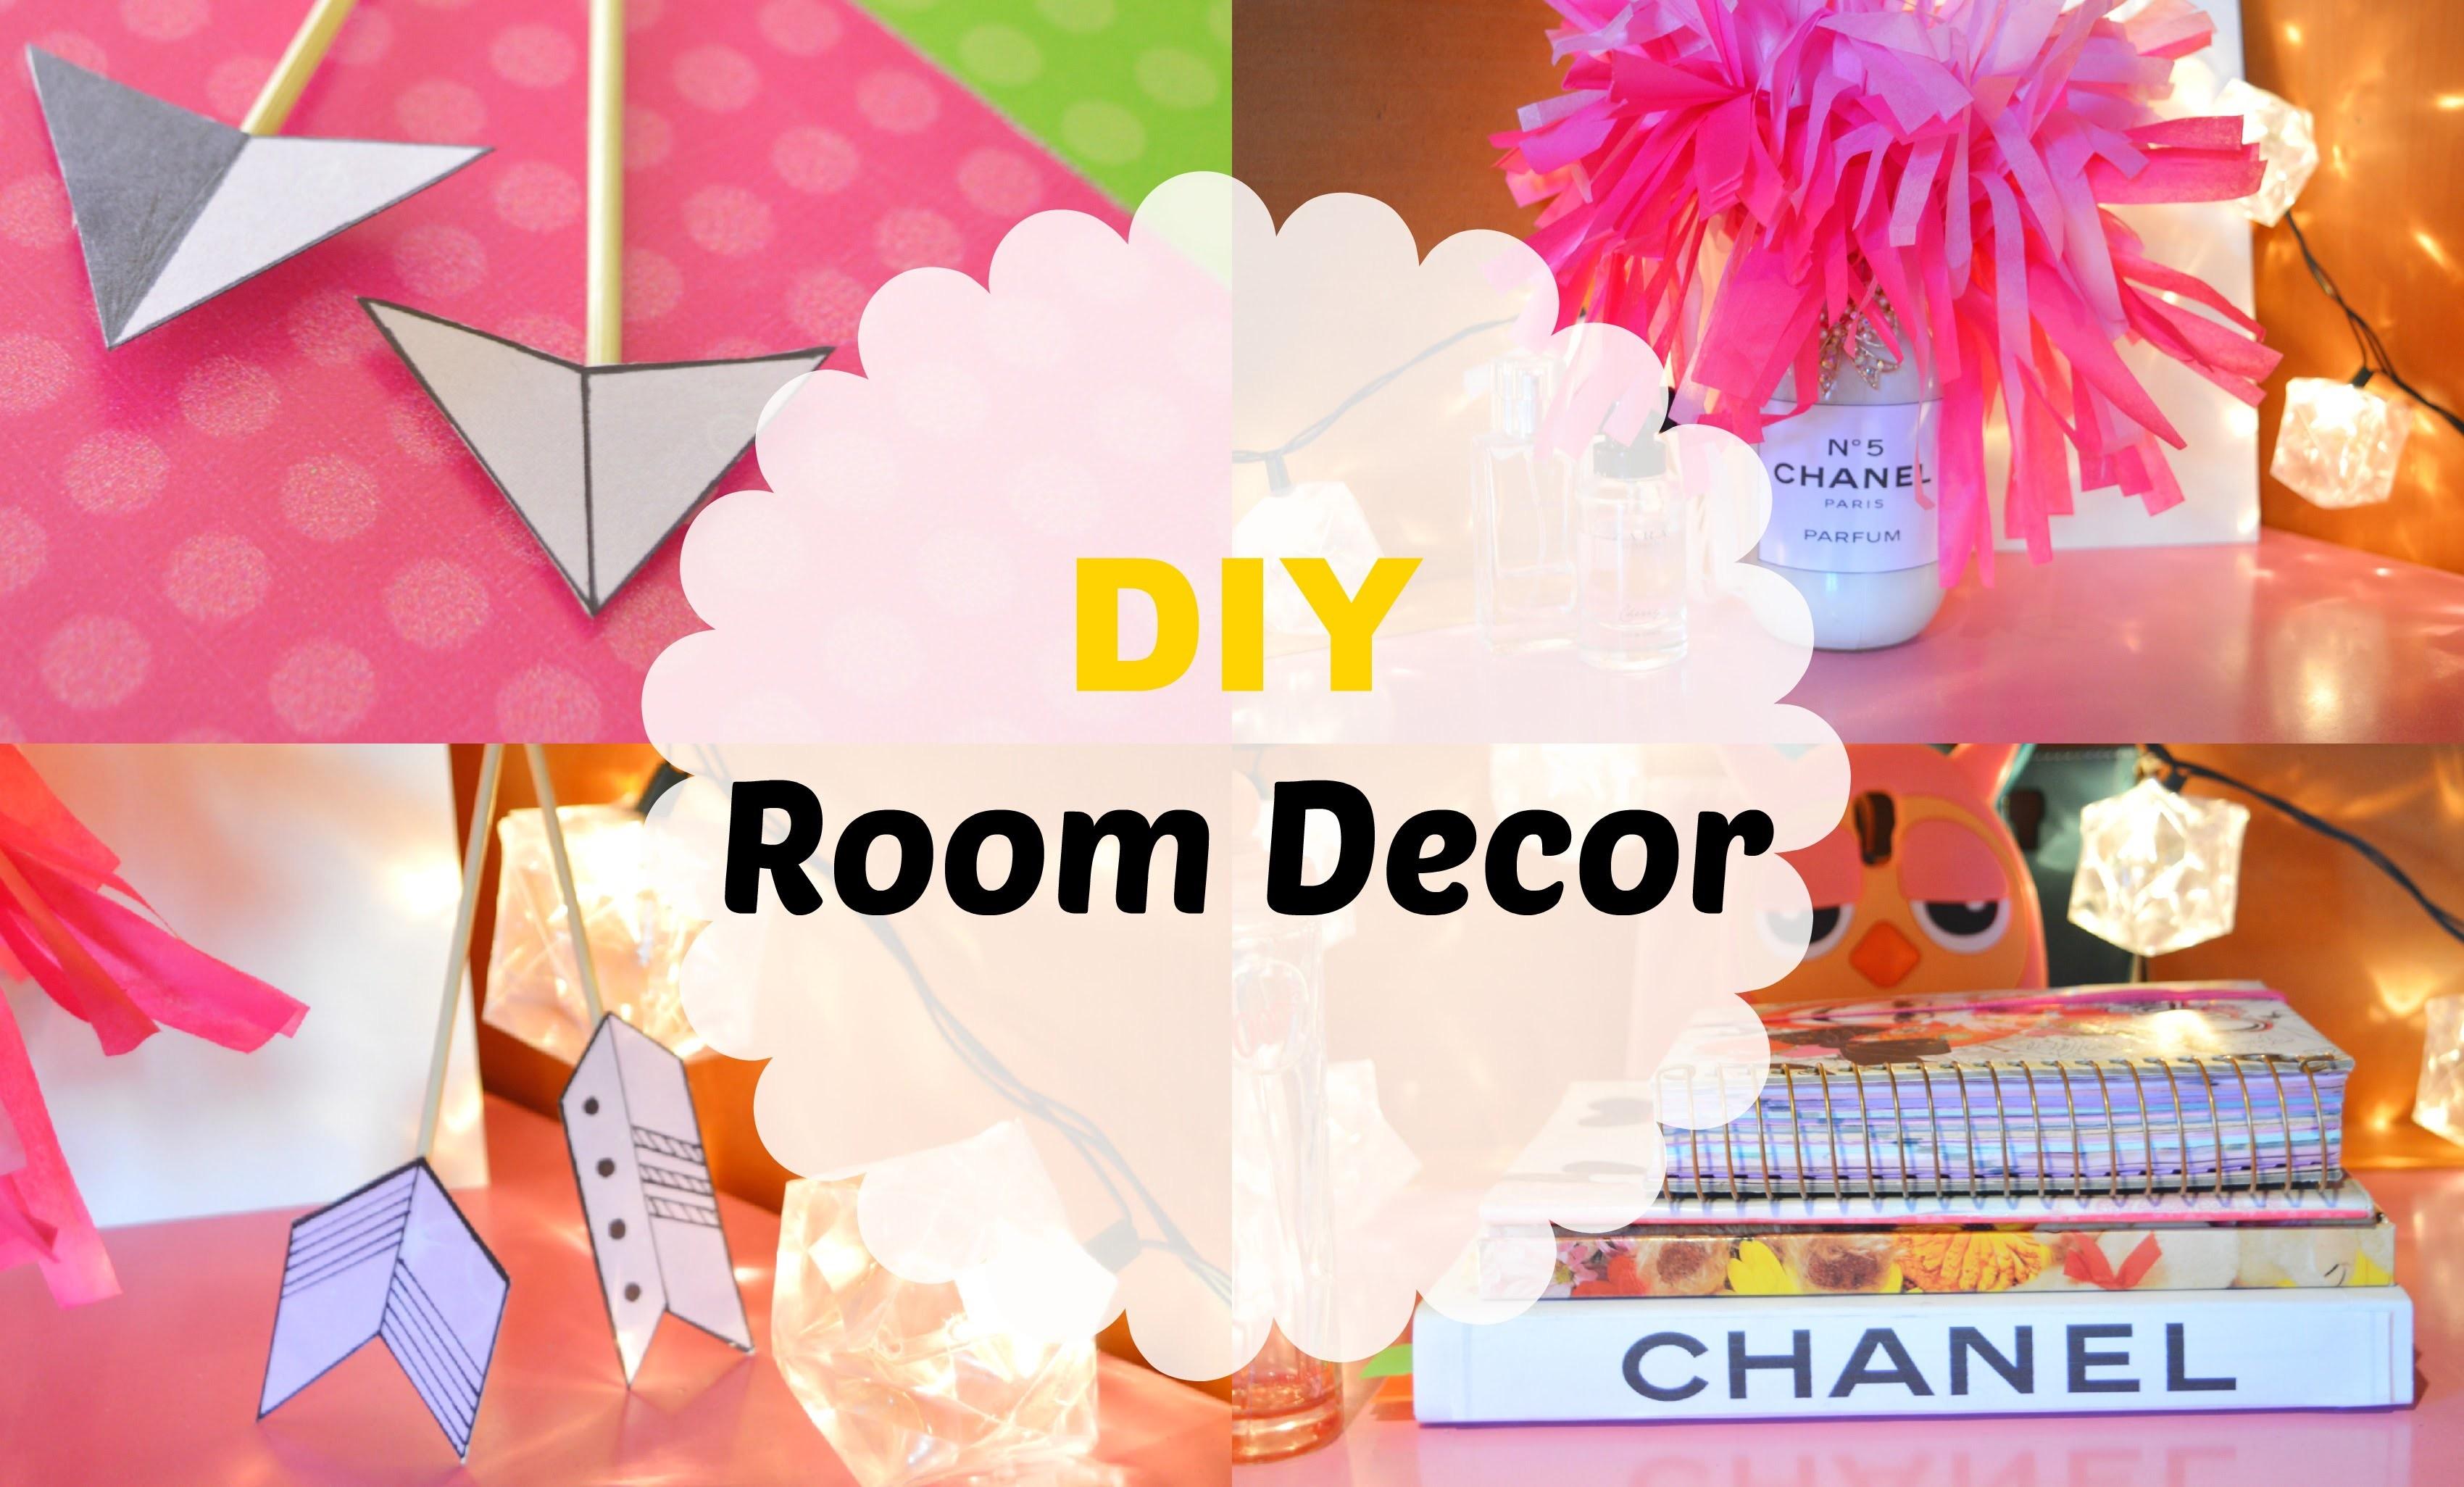 DIY CHANEL : Decora tu Habitación -  DIY Room Decor | El Baul de Carmencita